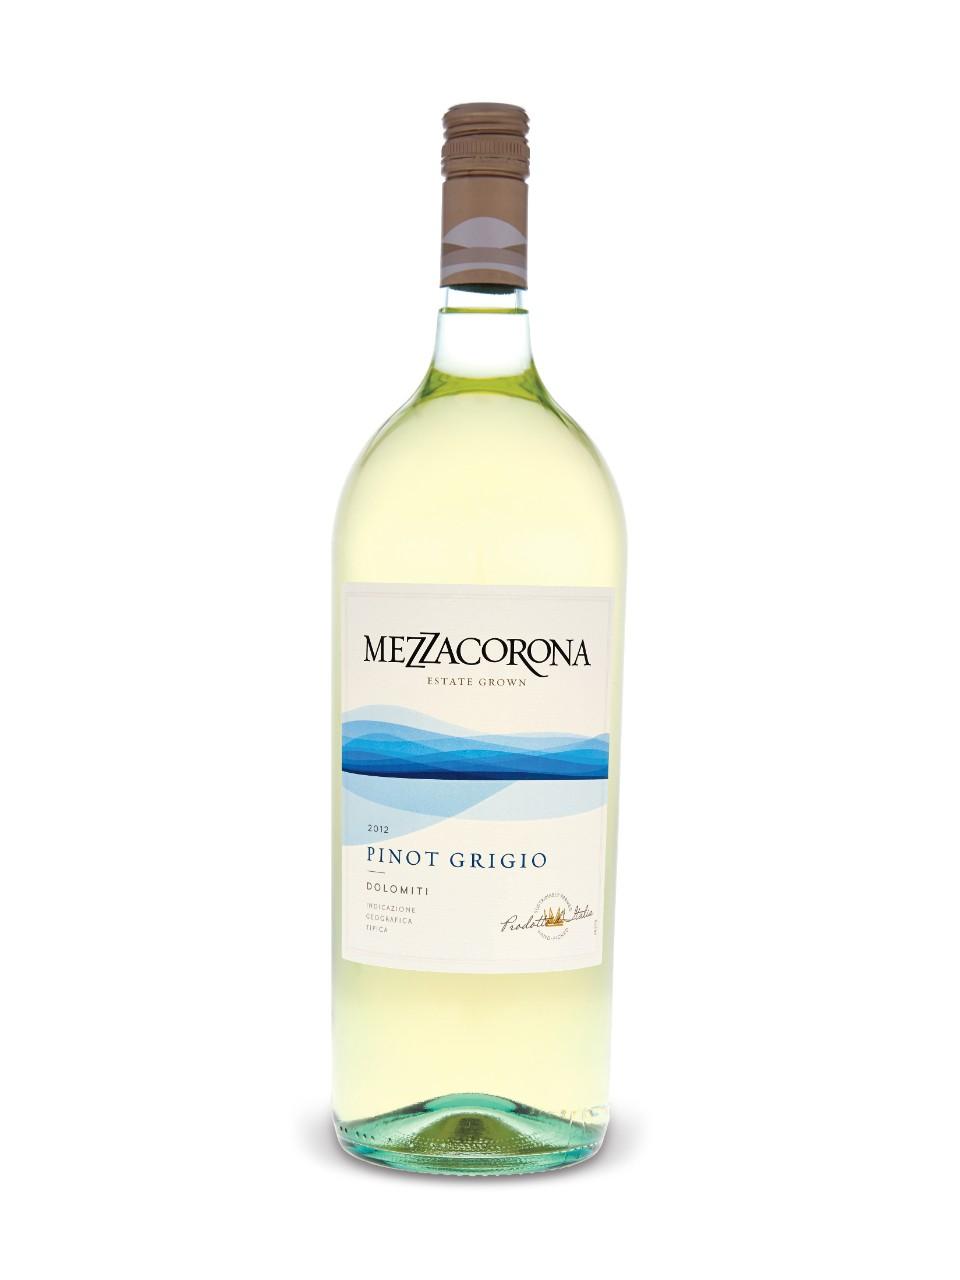 Mezzacorona Pinot Grigio (750ml)